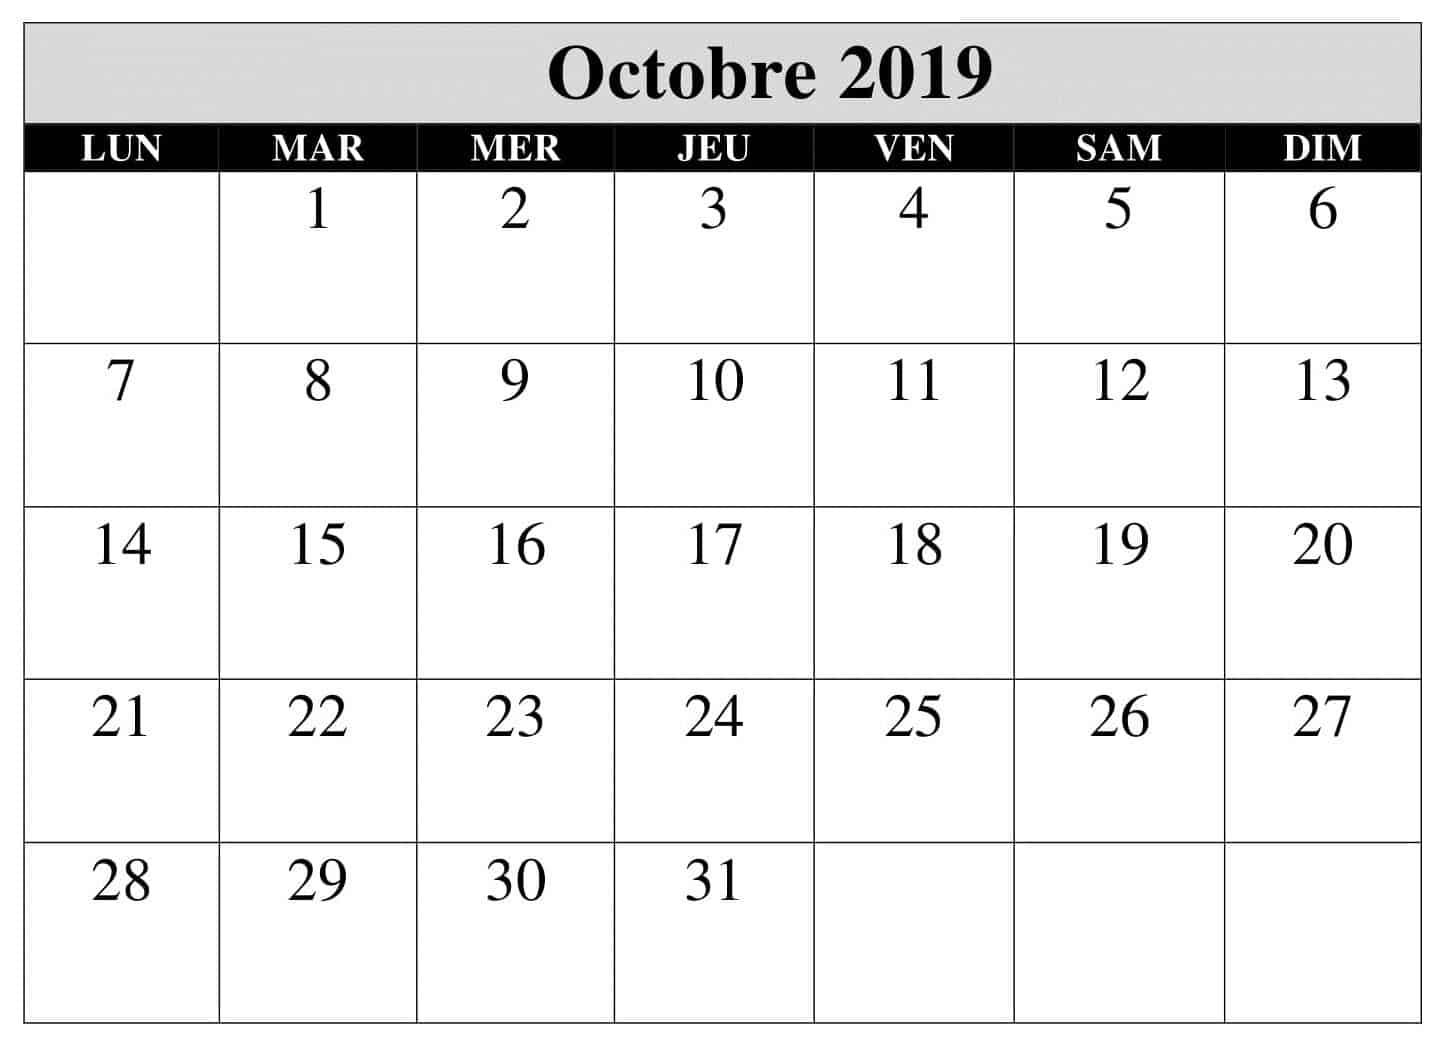 Octobre Calendrier 2019 PDF